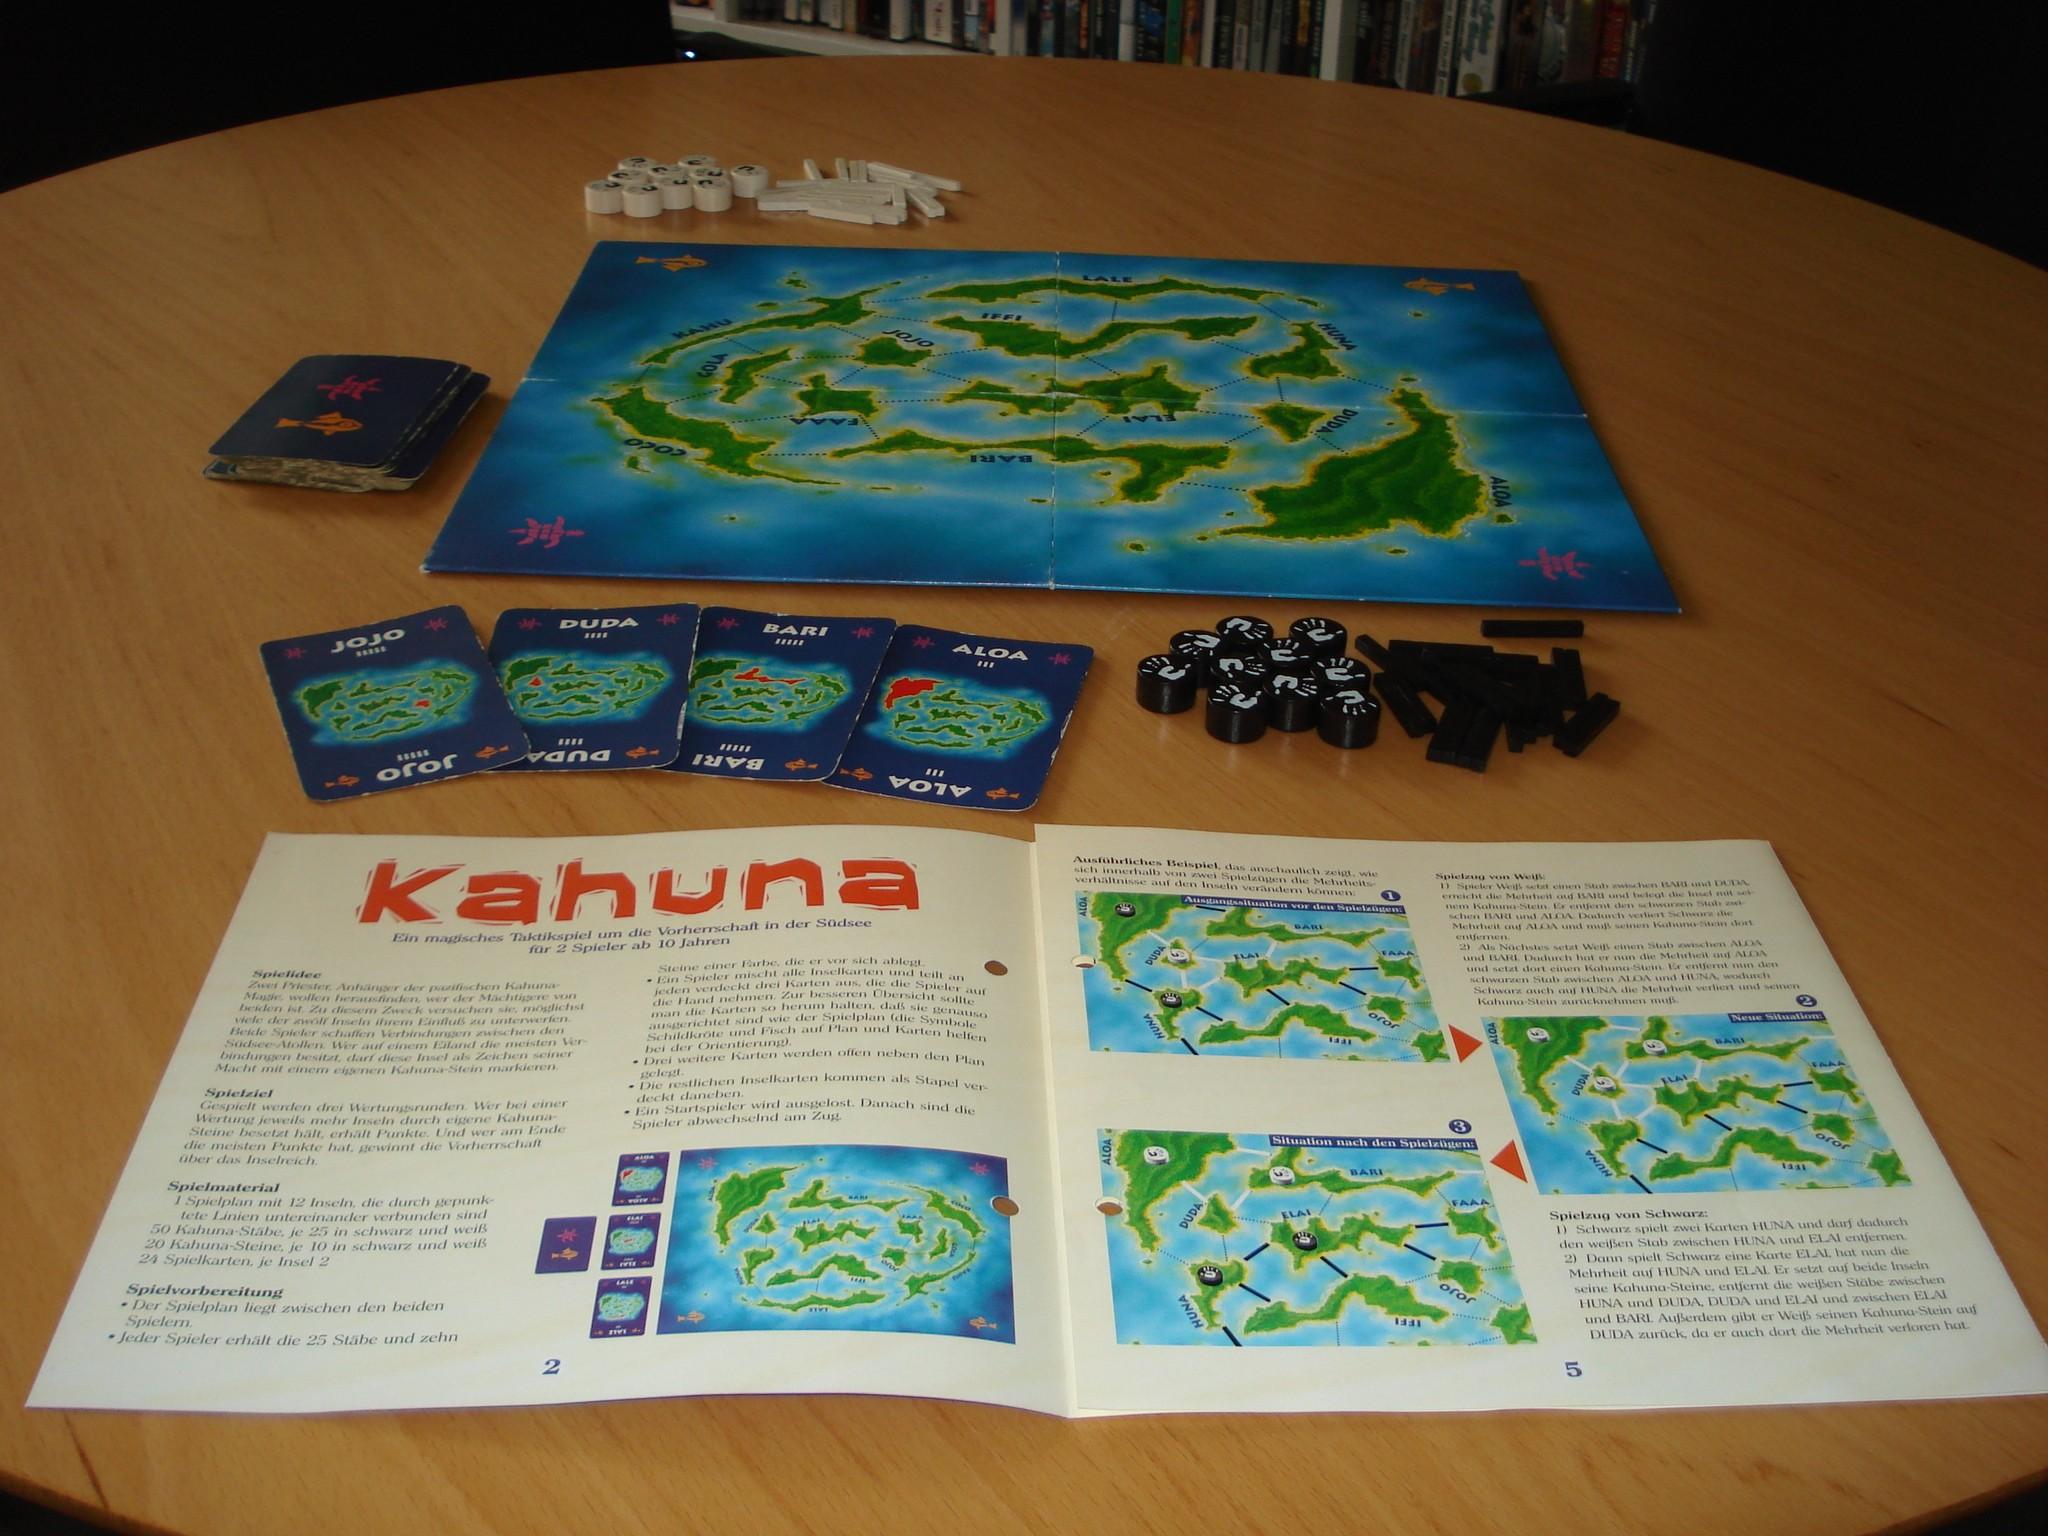 Kahuna erschien bereits 1997. Das Taktikspiel für zwei Personen ist bei Kosmos erschienen.